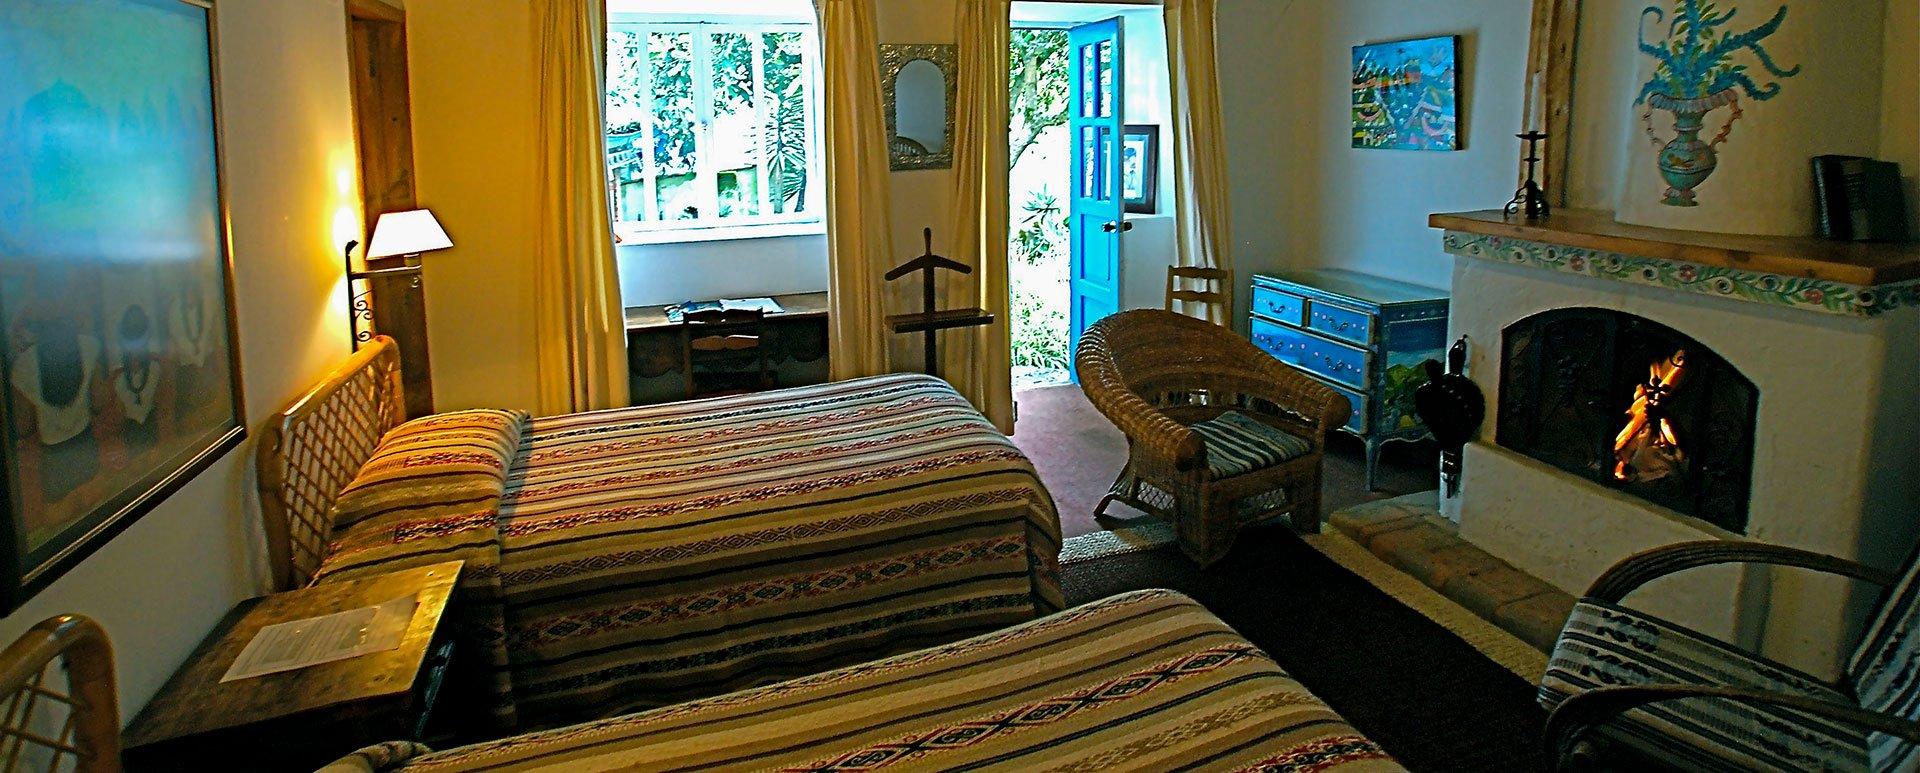 Hacienda Cusin room